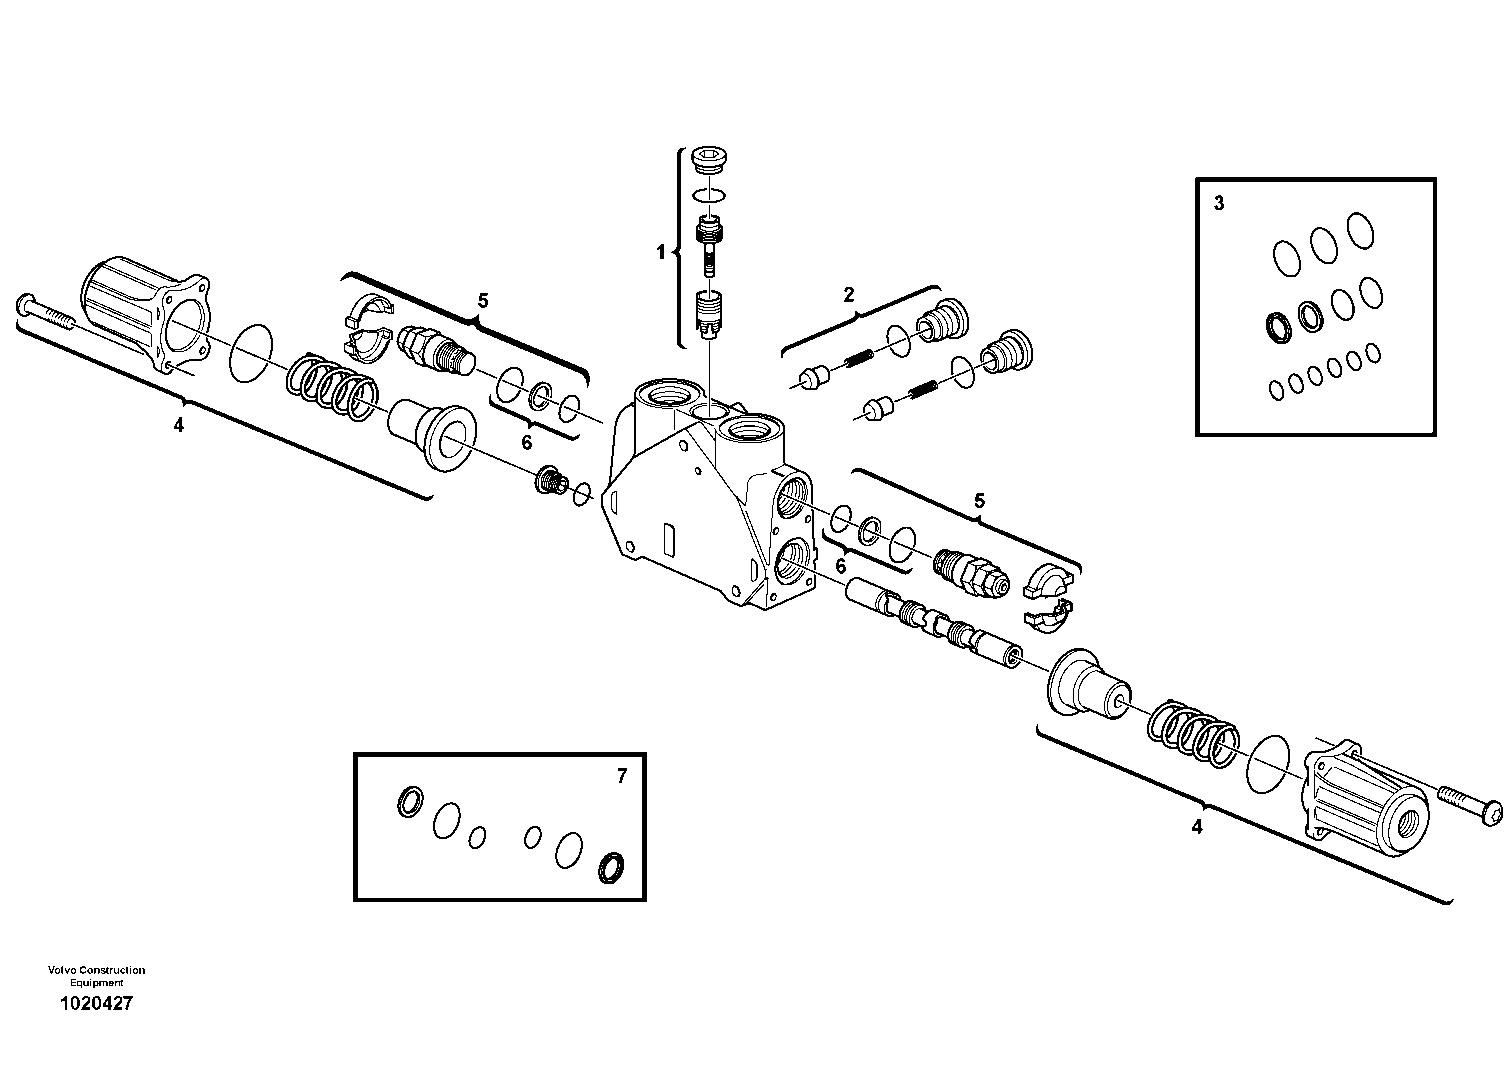 bekoloder-valfkit